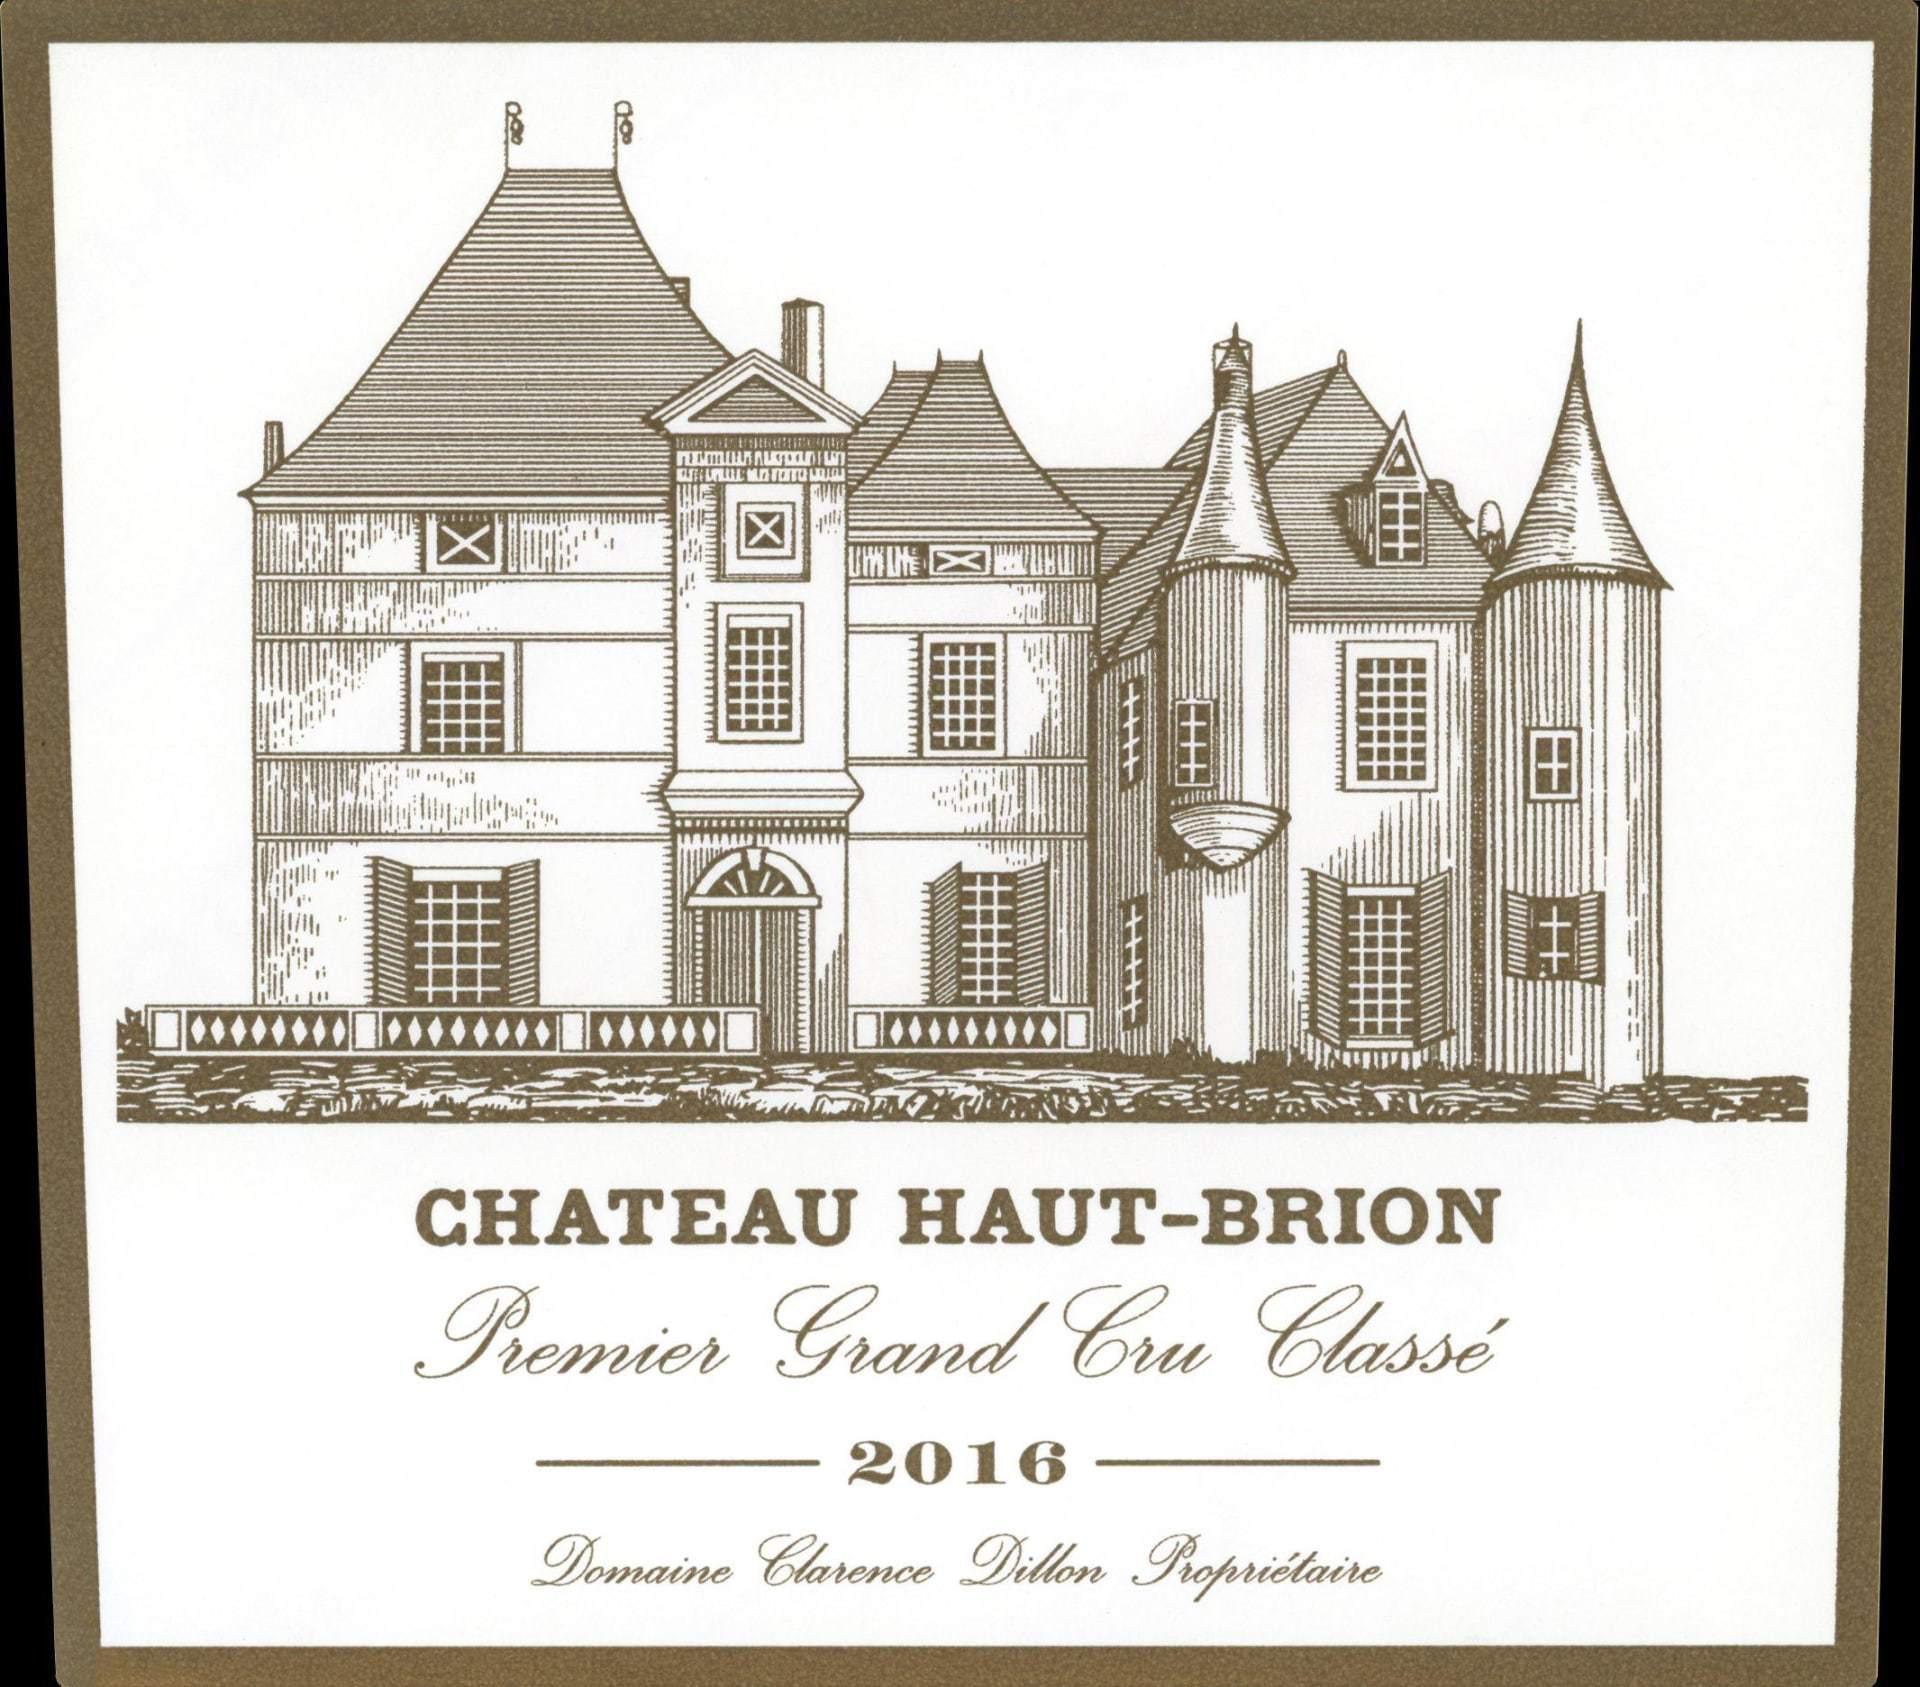 Chateau Haut Brion 2016